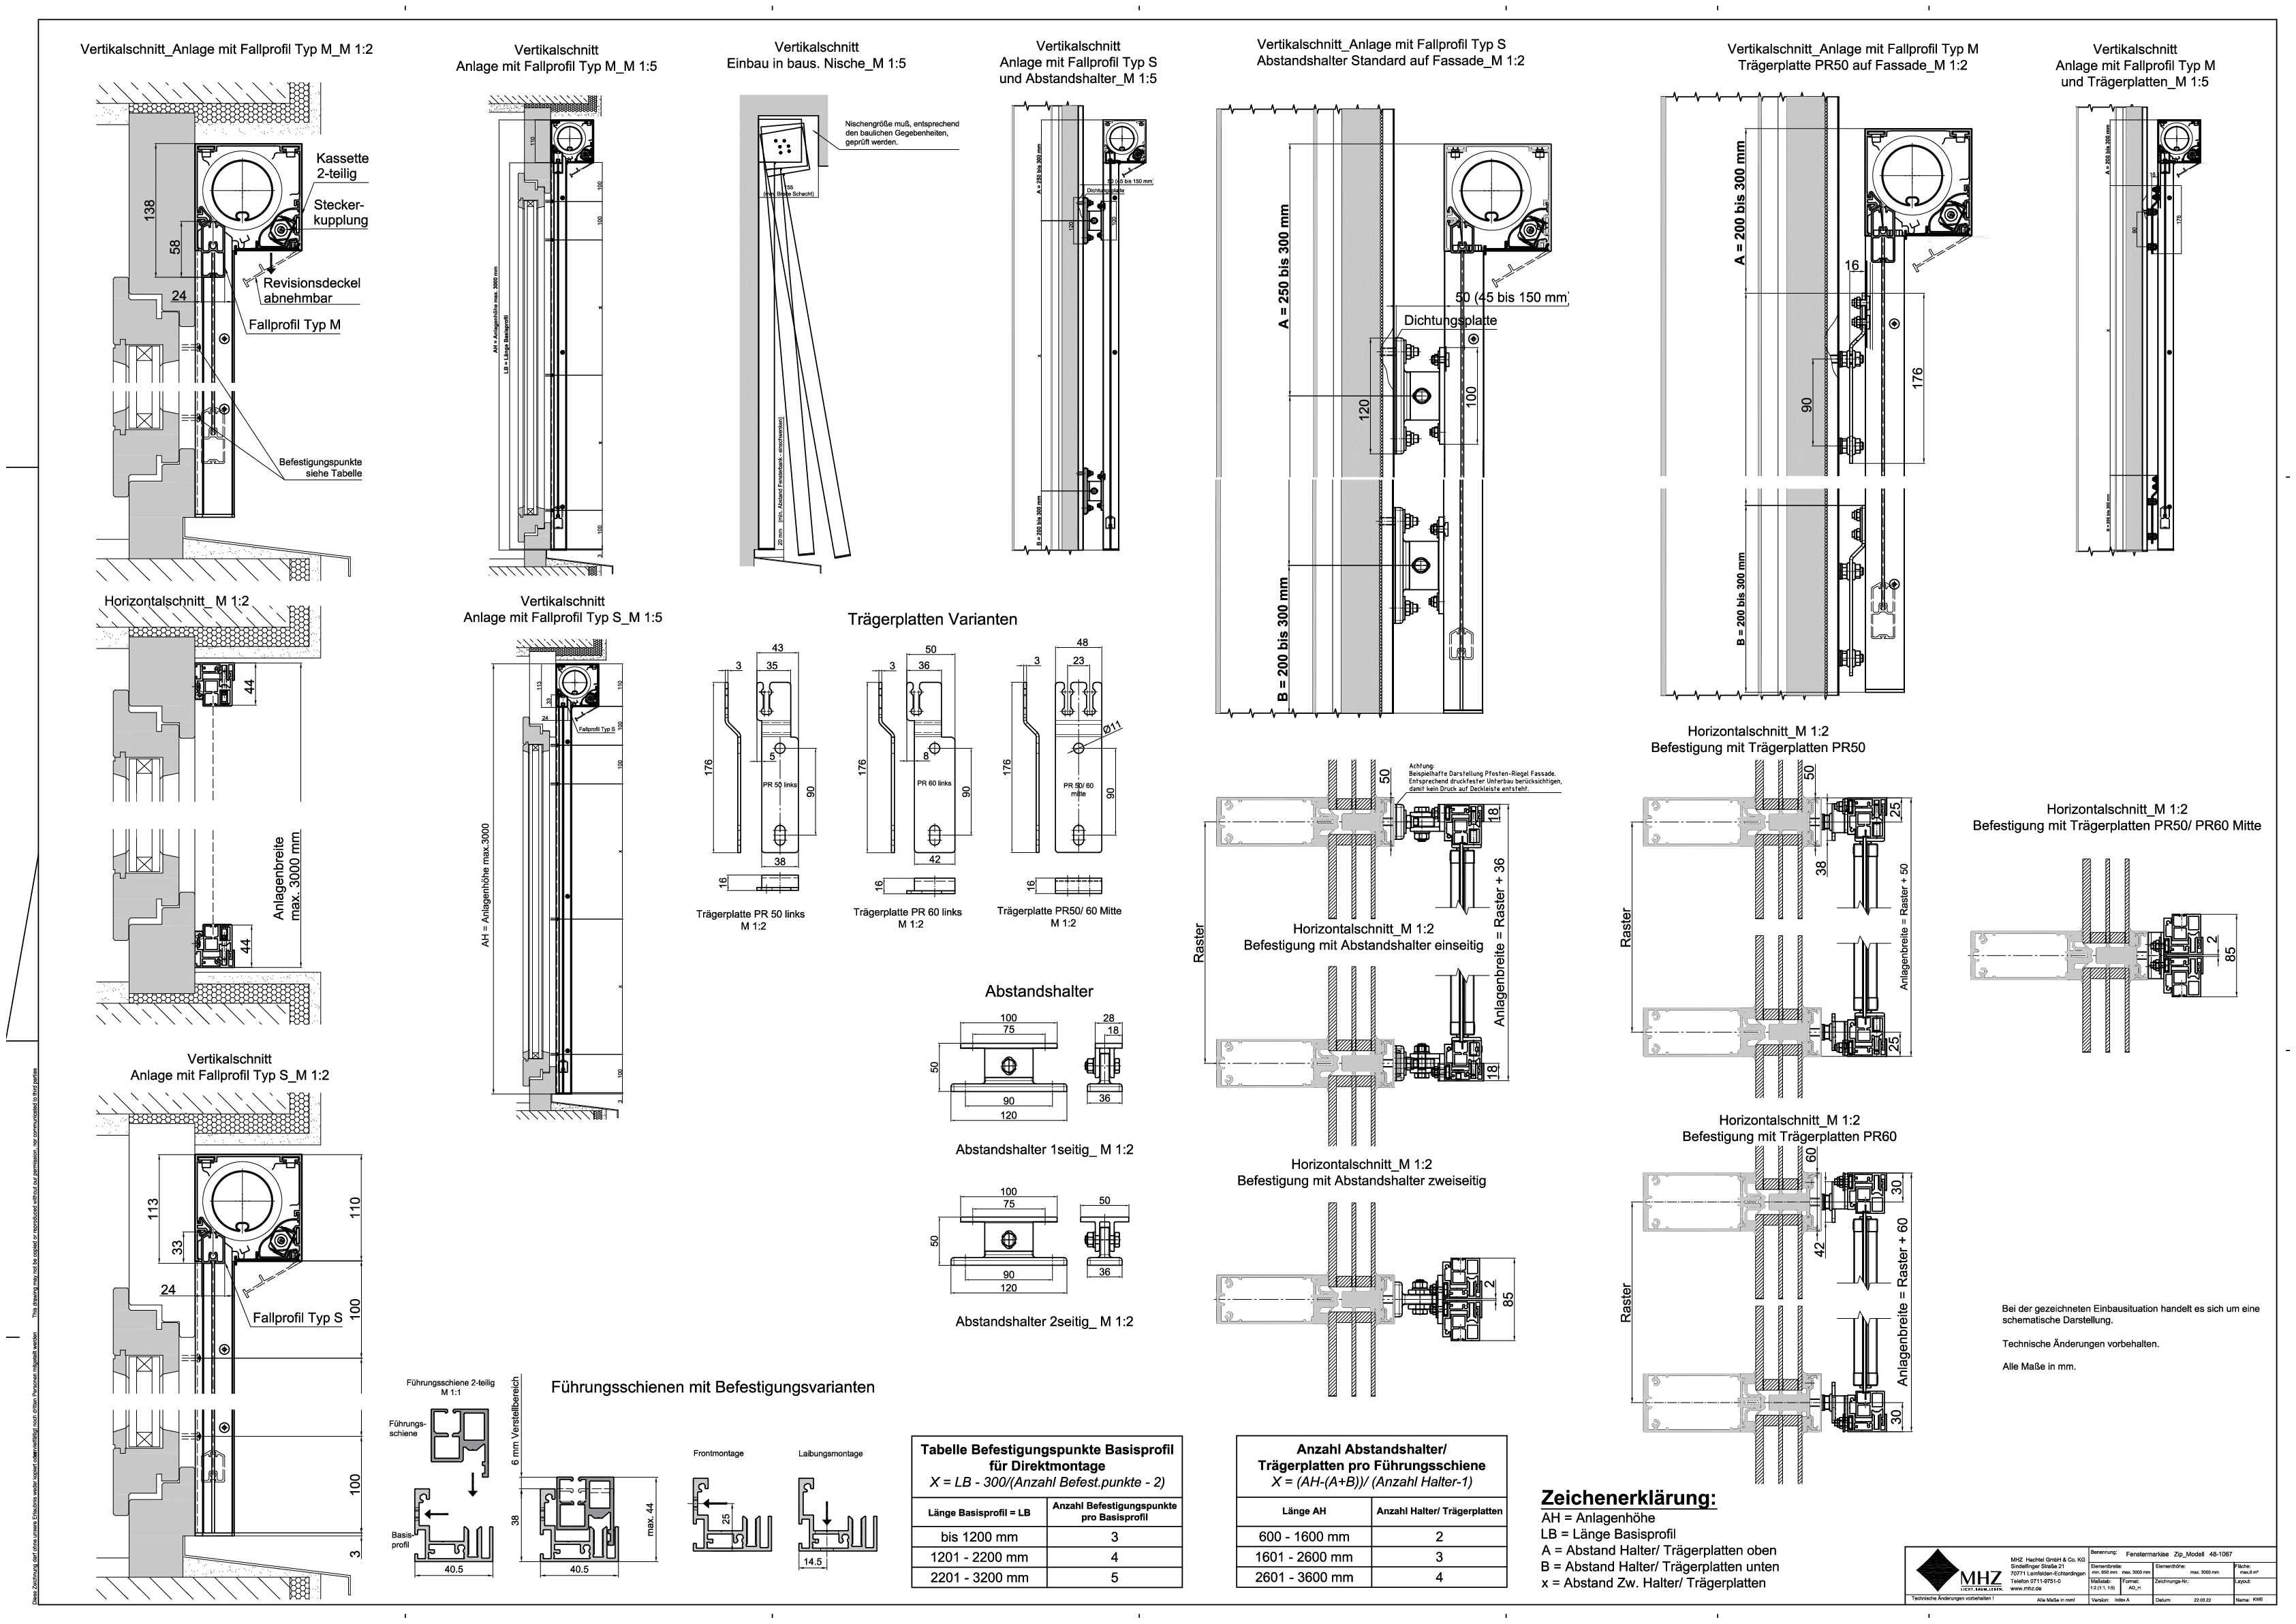 Technische Zeichnung pdf Fenstermarkisen zip_2.0 48-1067